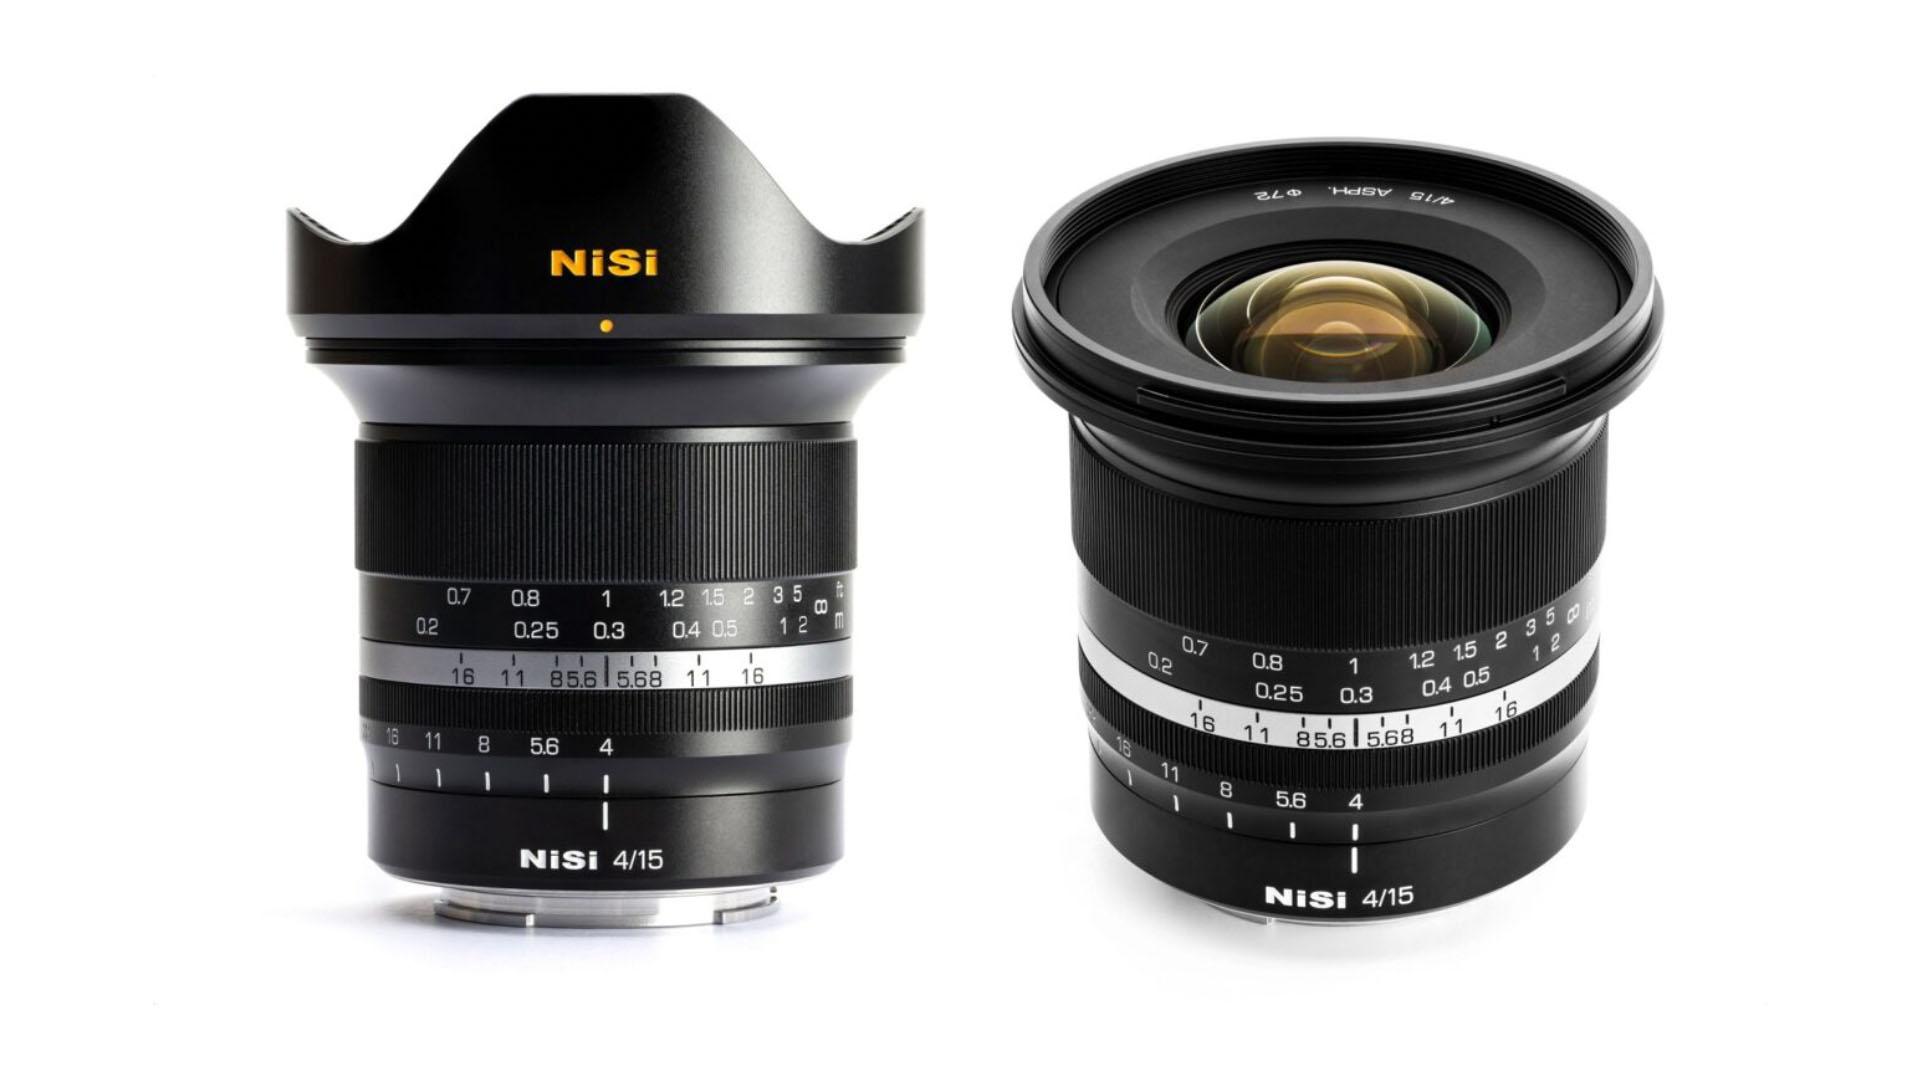 NiSi 15mm f/4 Sunstar lens. Image: NiSi.